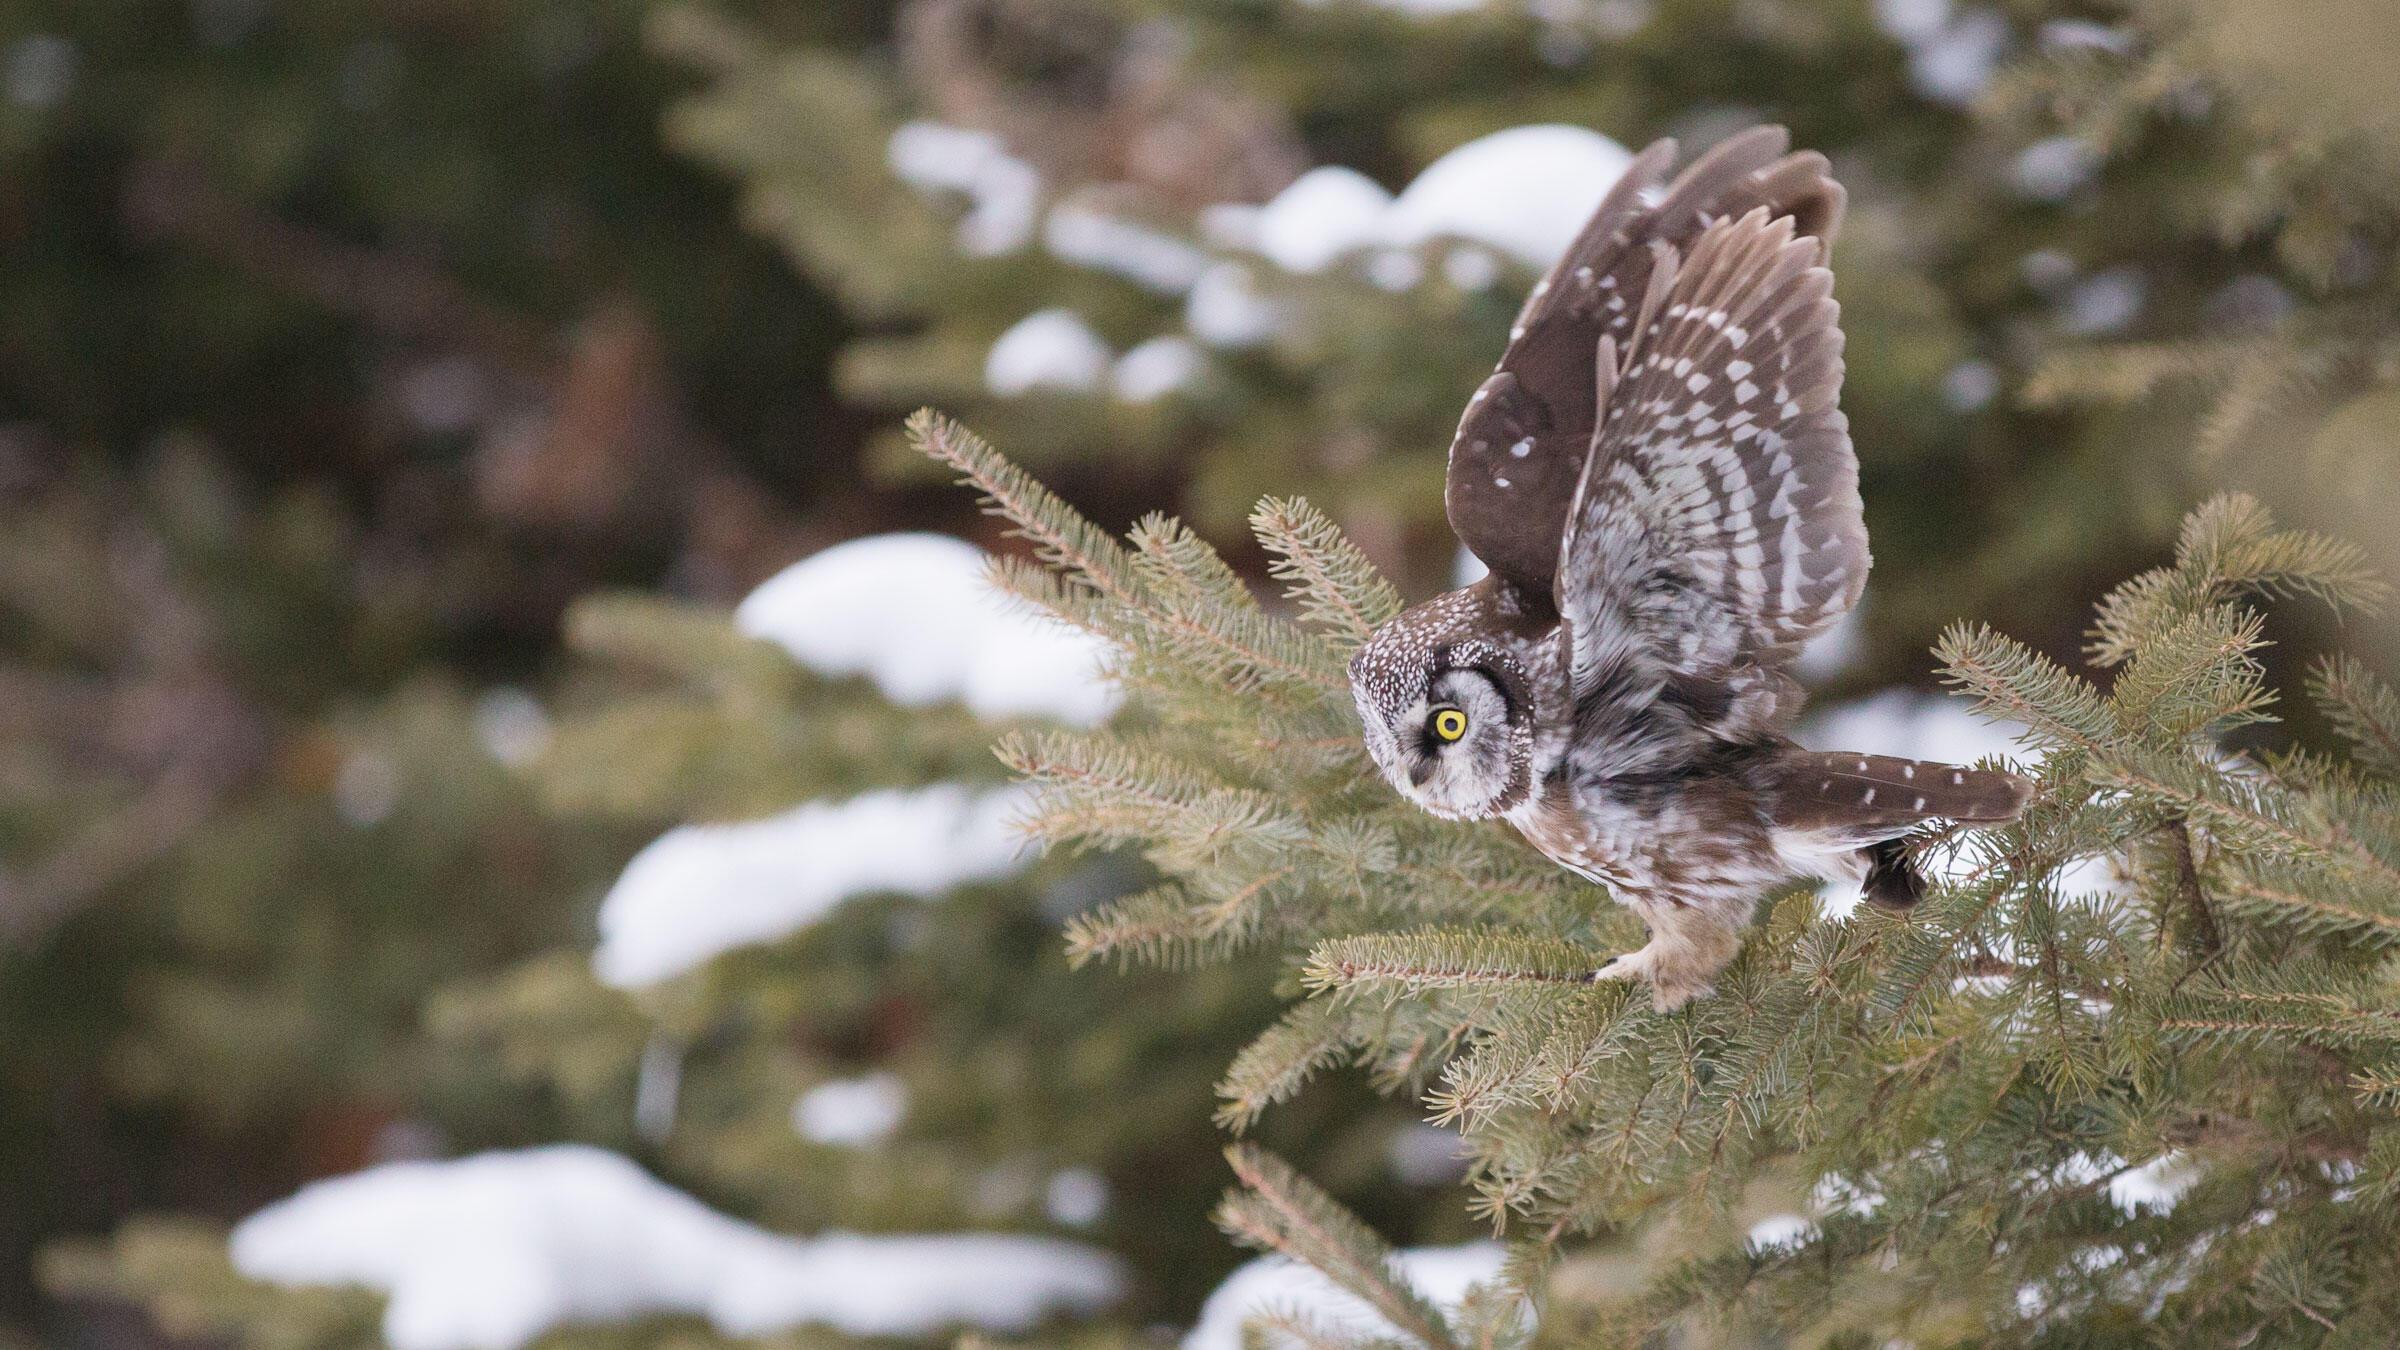 Un mochuelo boreal en Alaska levanta sus alas un instante antes de emprender el vuelo en busca de presas.